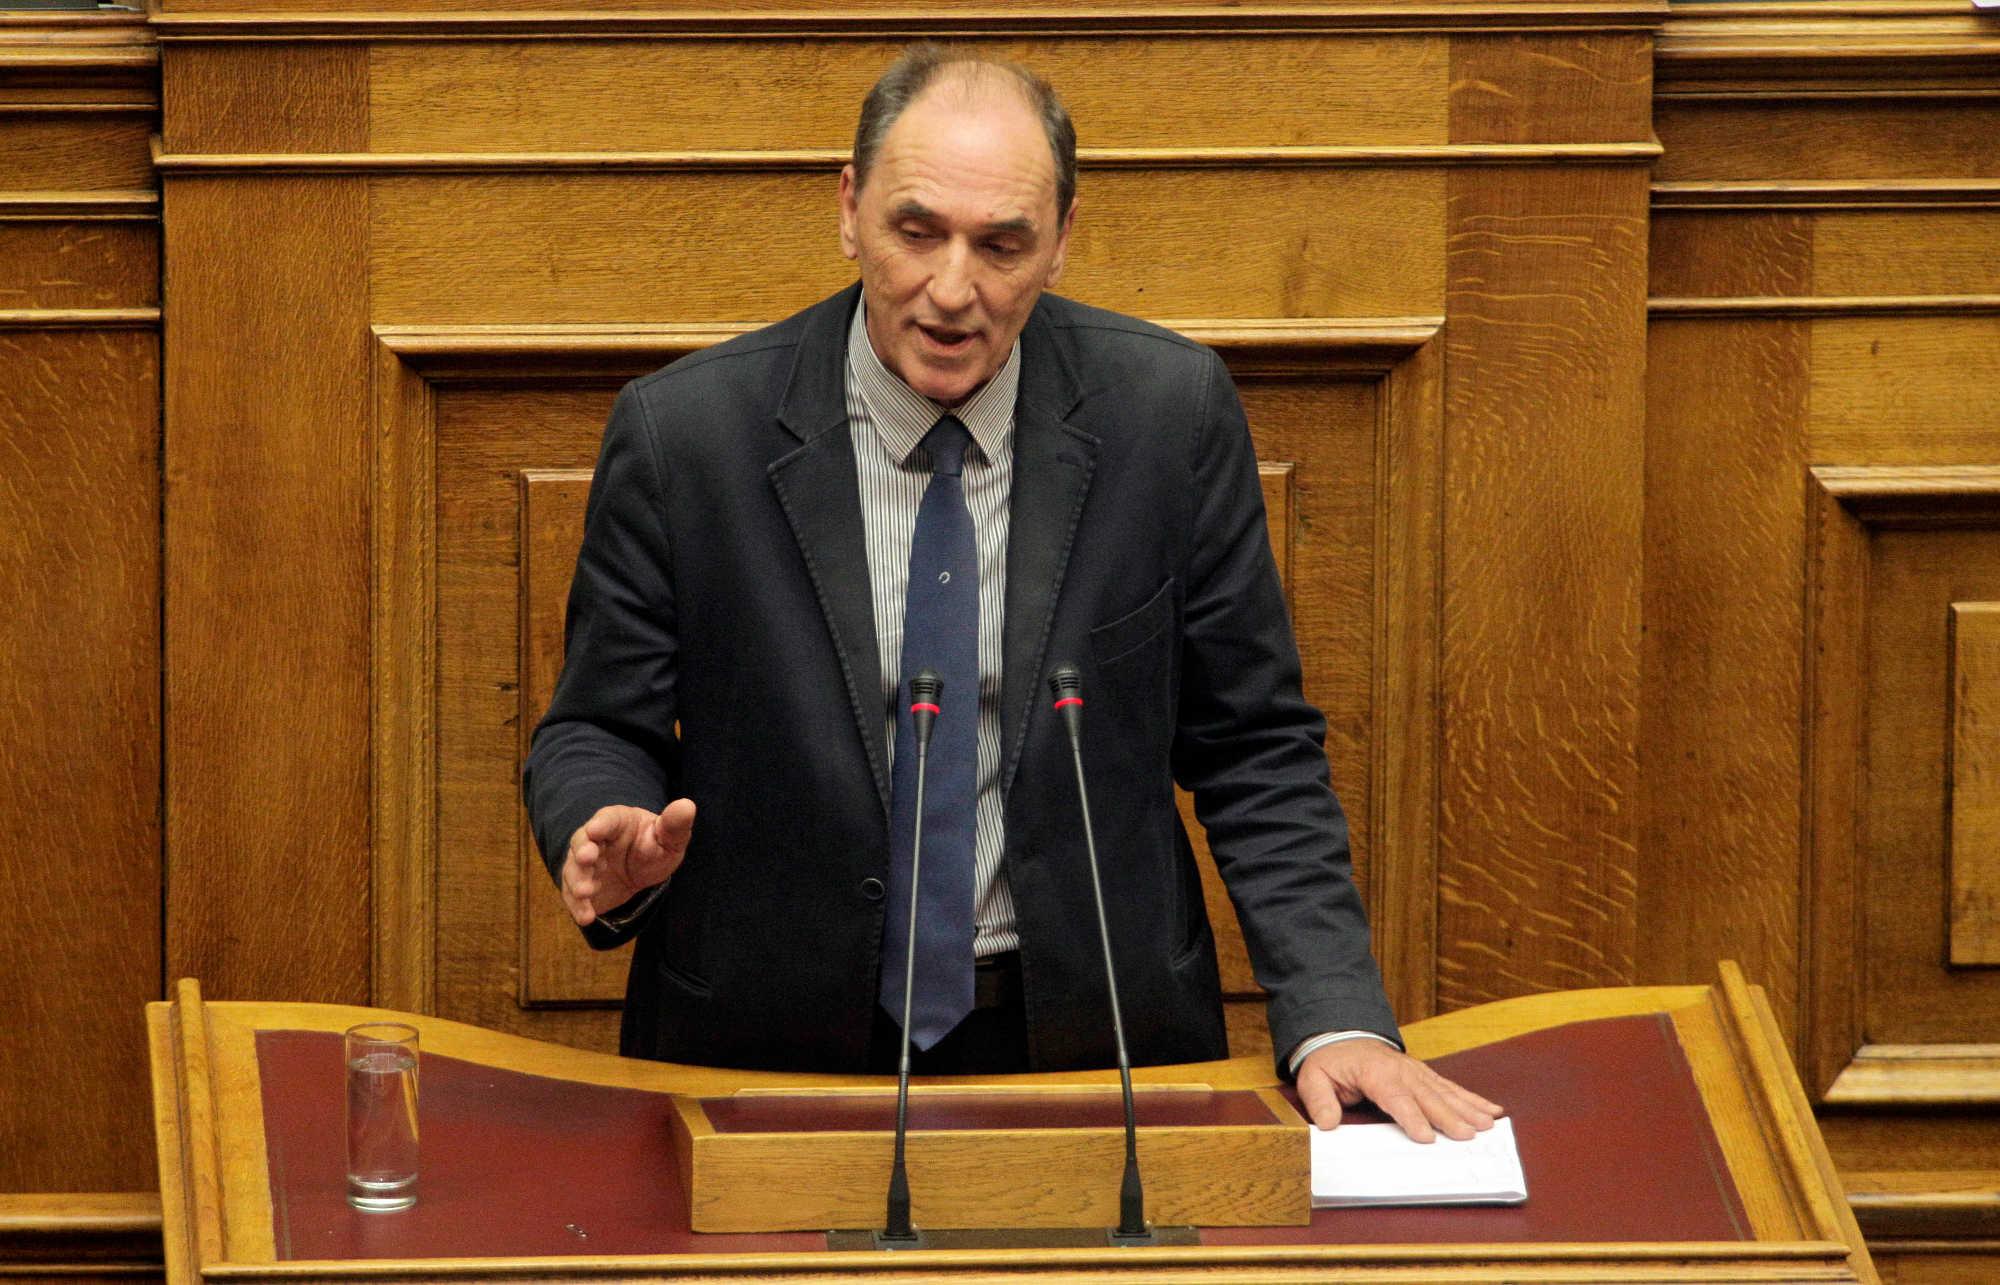 Γ. Σταθάκης: Τον Ιούνιο θα κριθούν οι δημοπρασίες ηλεκτρικής ενέργειας